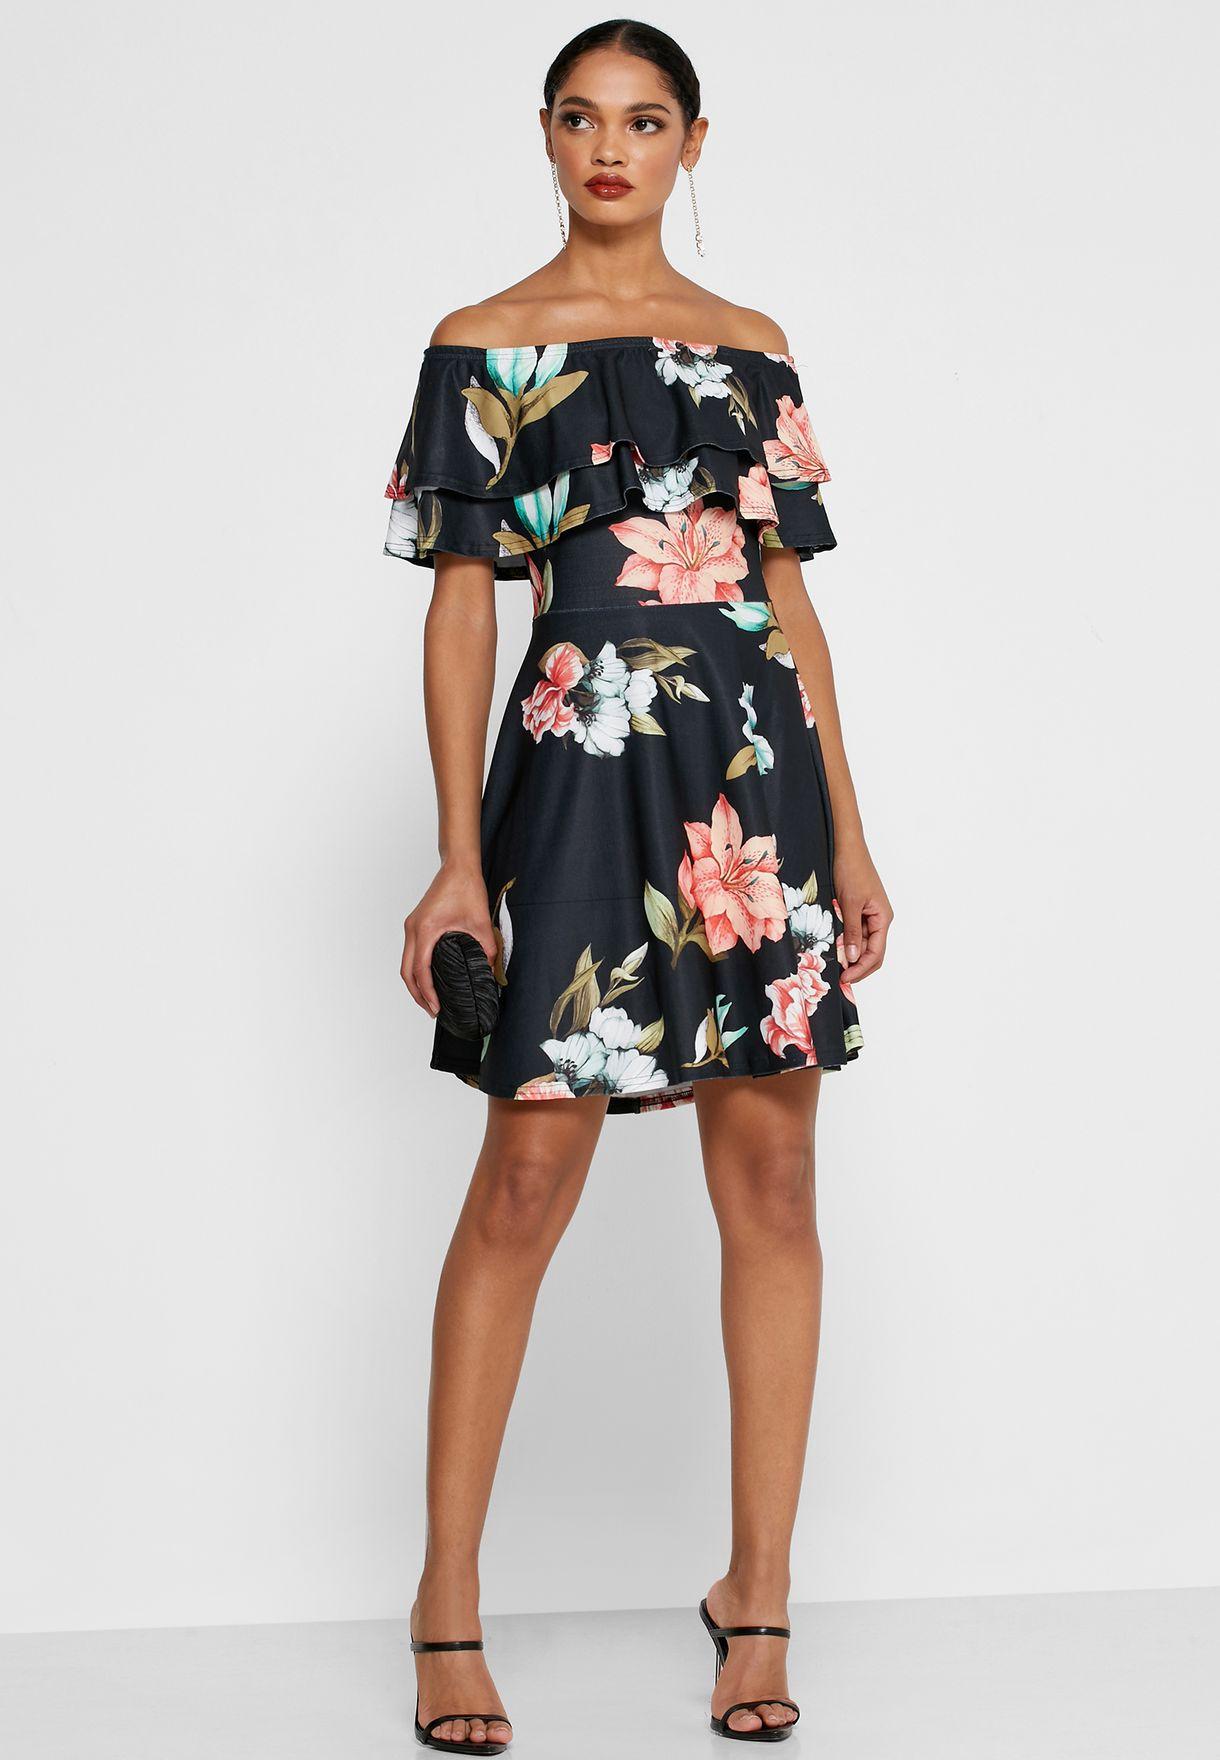 فستان مكشكش يكشف الاكتاف بطبعات ازهار